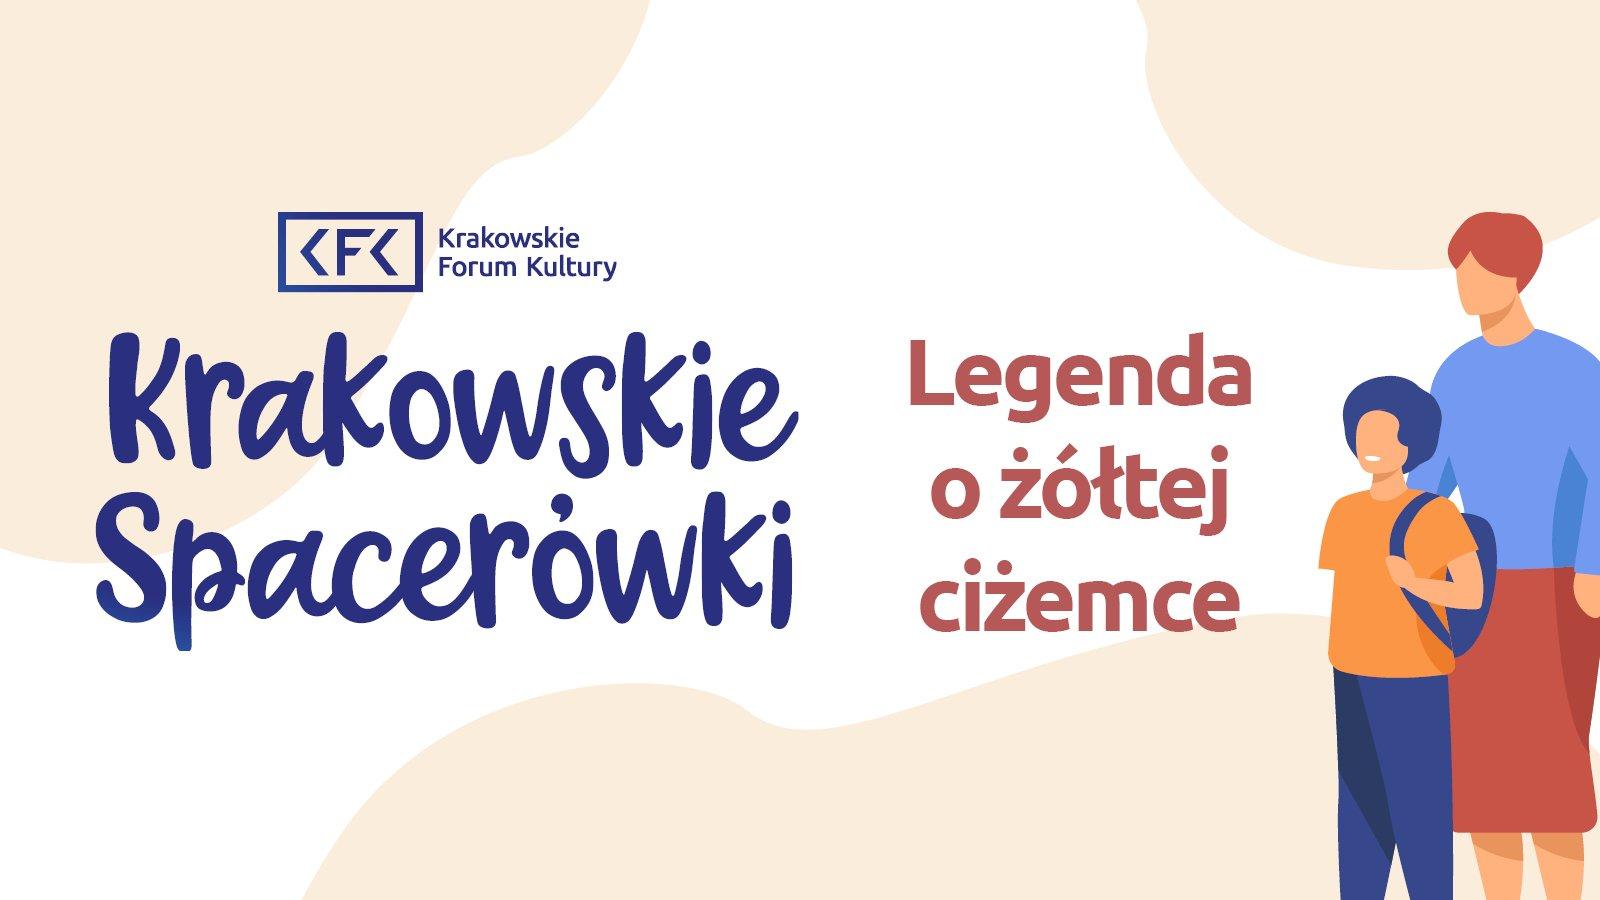 Krakowskie Spacerówki